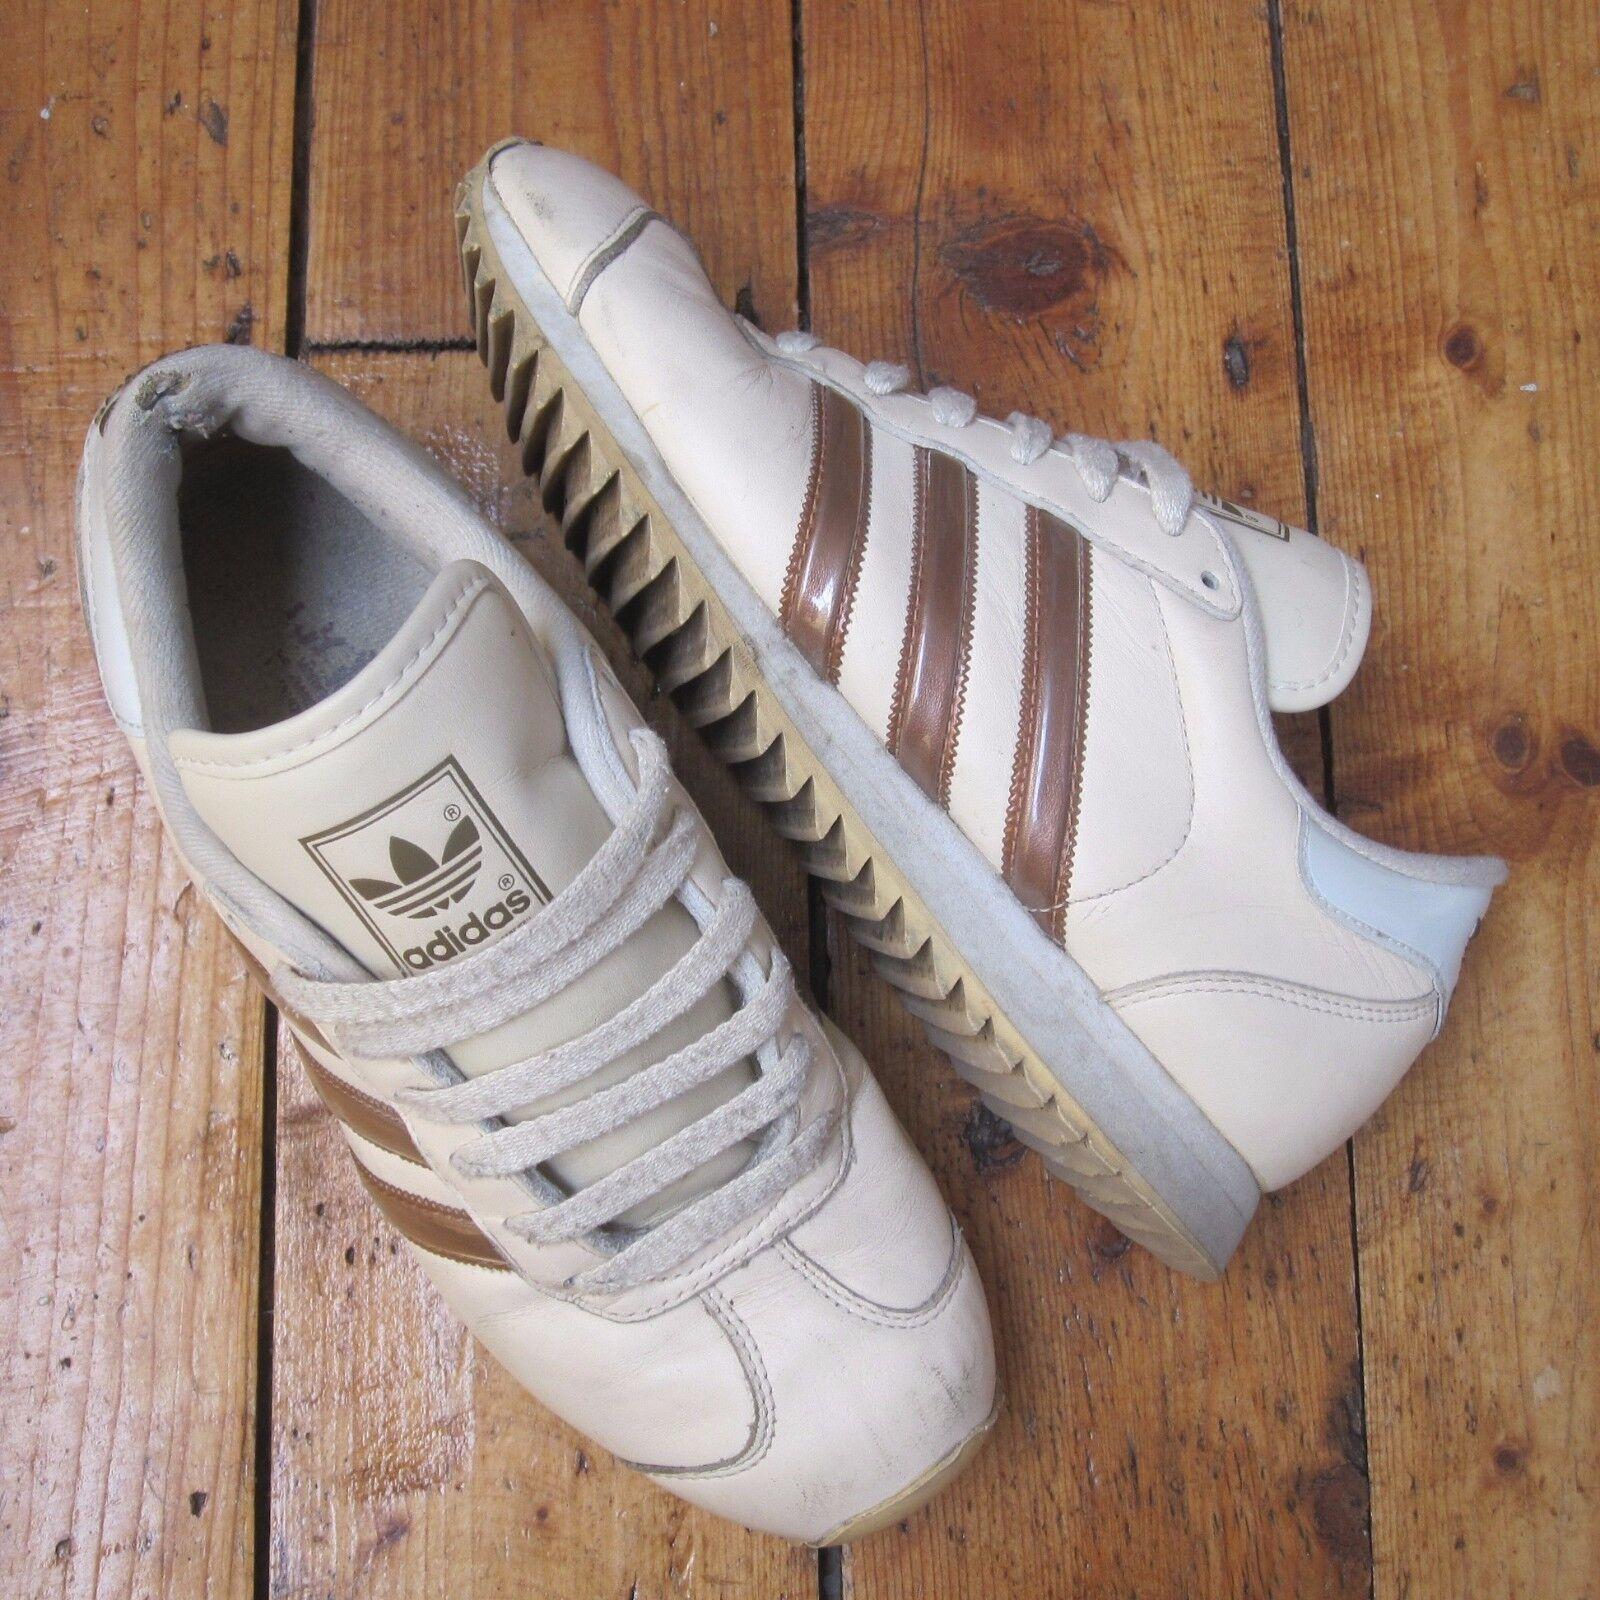 Adidas Vintage 2000 Cream Leather Trainers 660076 Mens Unisex Three Stripe